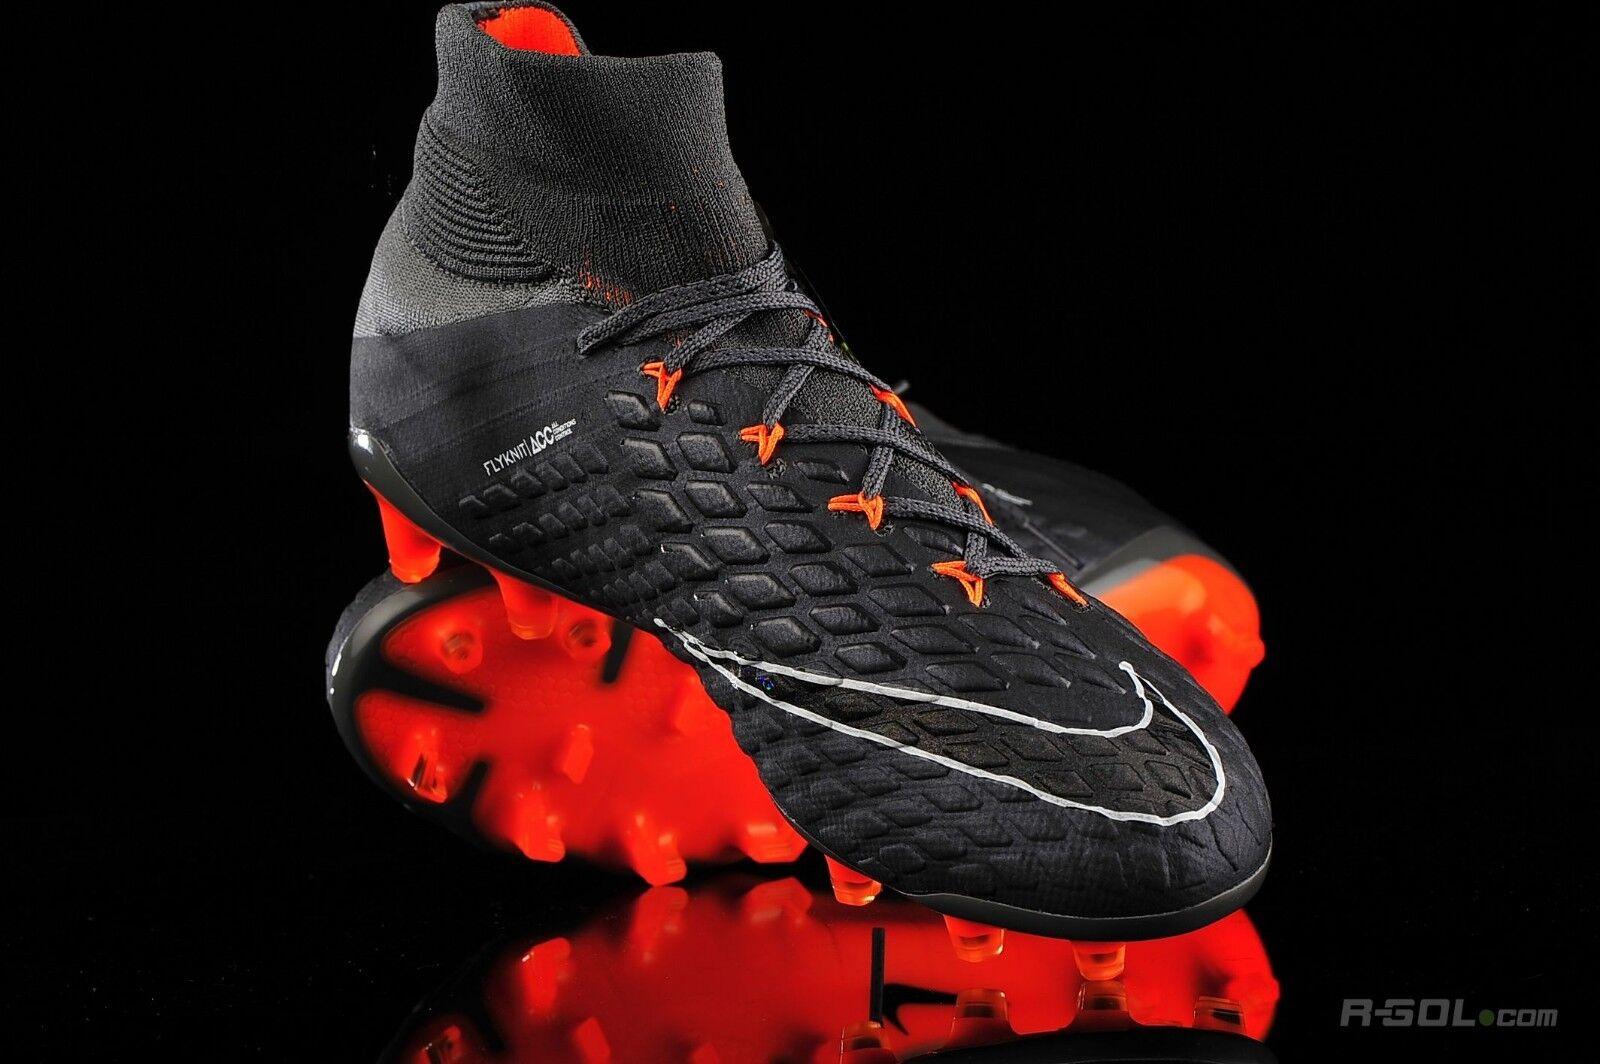 Nike Hypervenom Fantasma 3 Elite DF Fg gris Oscuro para Hombre Talla 9.5 Wmns SUECO 11 AH7270-081